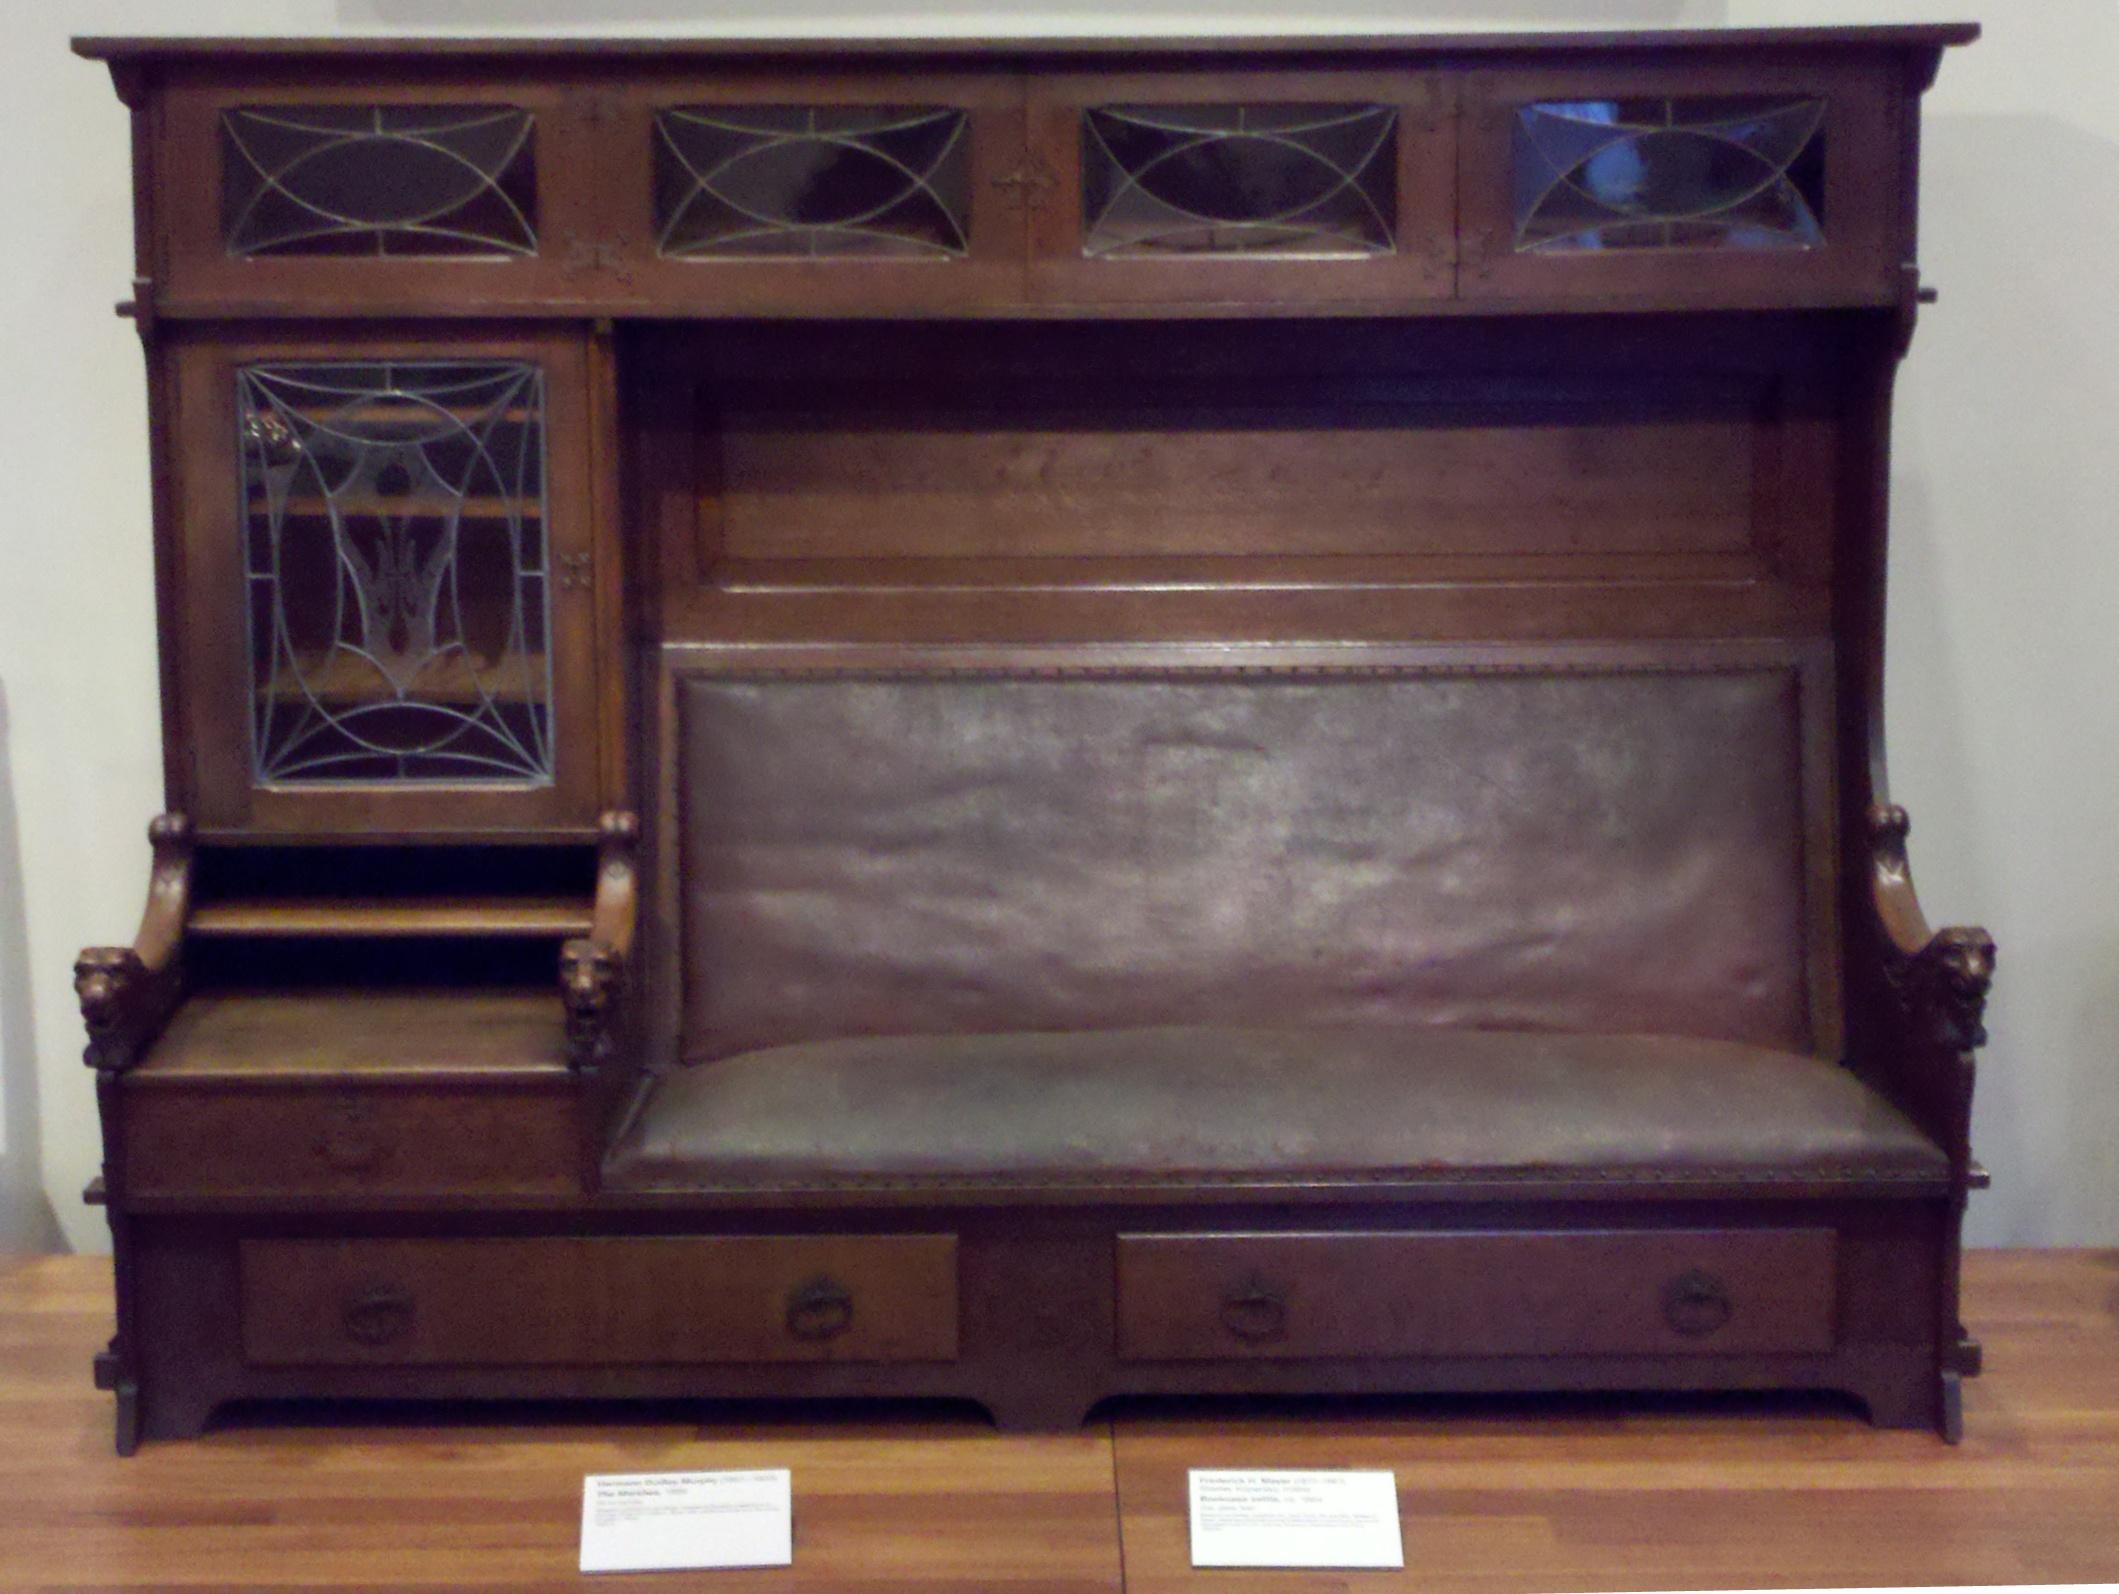 frederick meyer bookcase settle.jpg